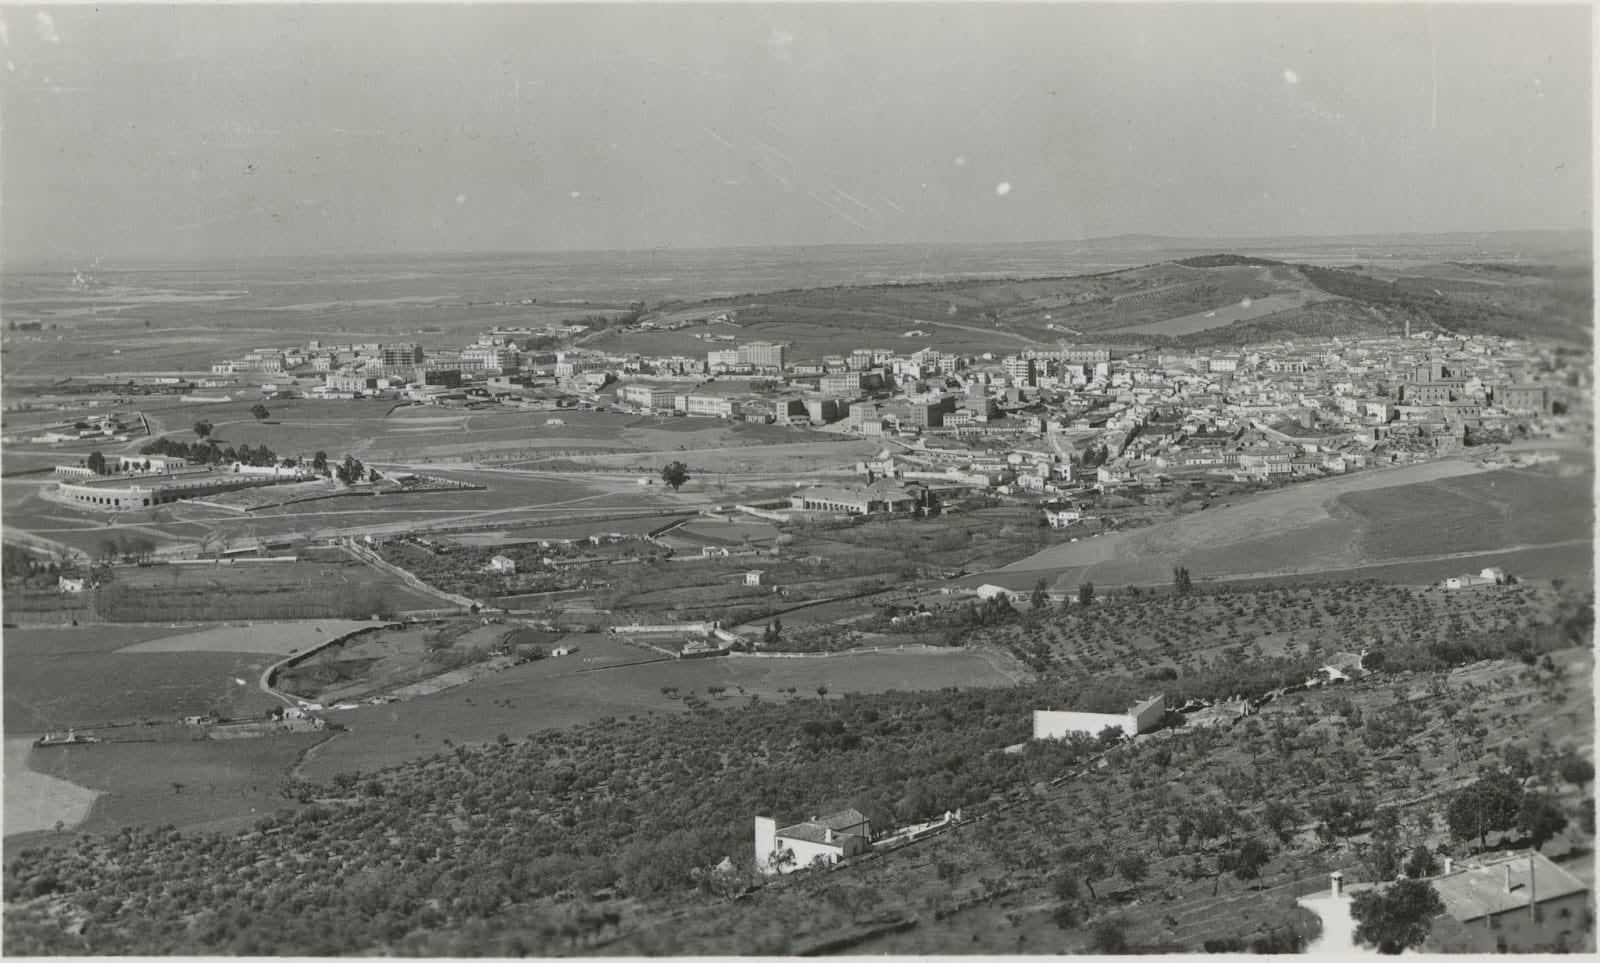 Vista desde la Montaña, años 50